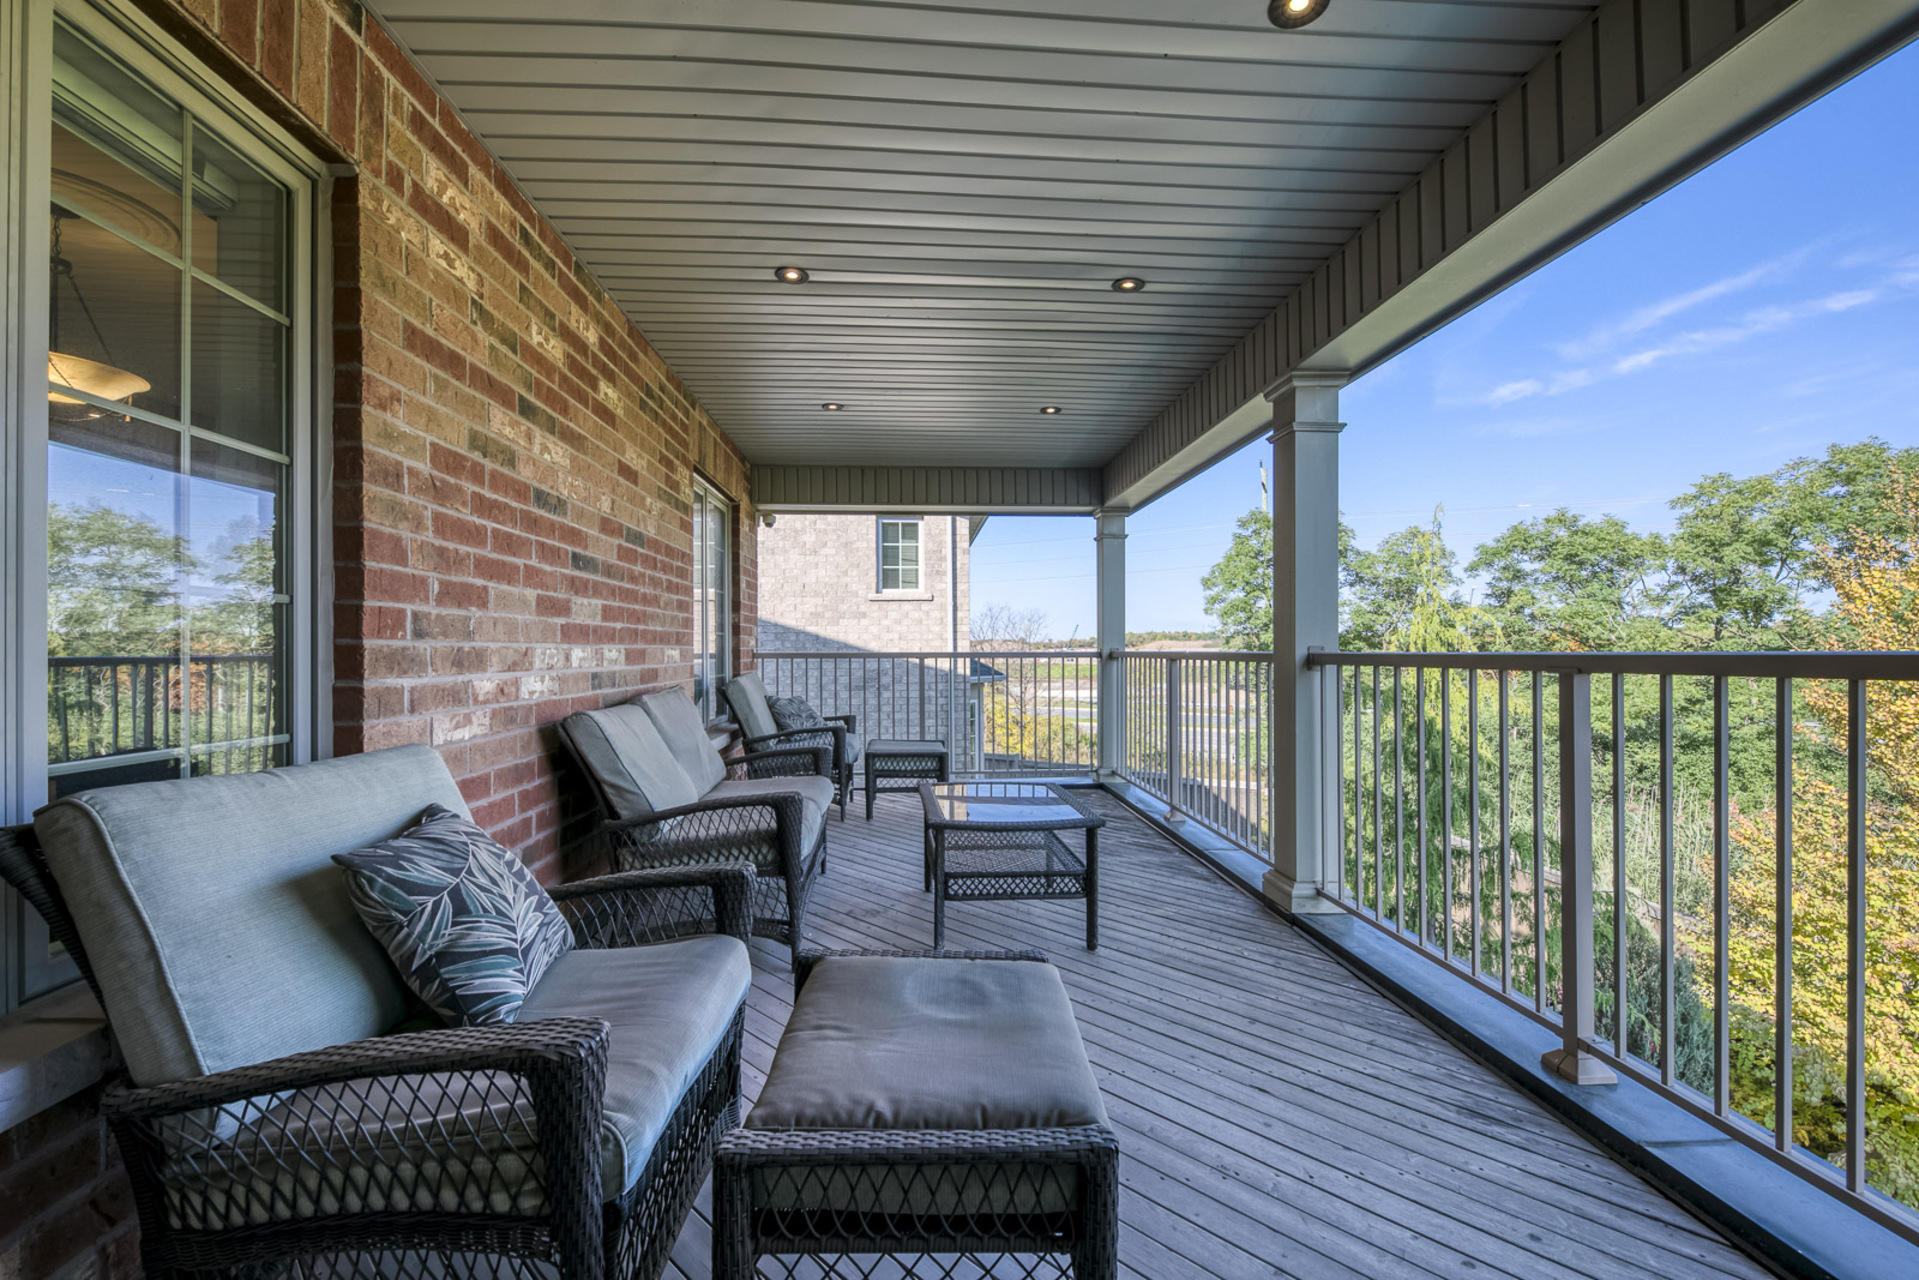 Master Bedroom Balcony - 2415 Lyndhurst Dr, Oakville - Elite3 & Team at 2415 Lyndhurst Drive, Iroquois Ridge North, Oakville